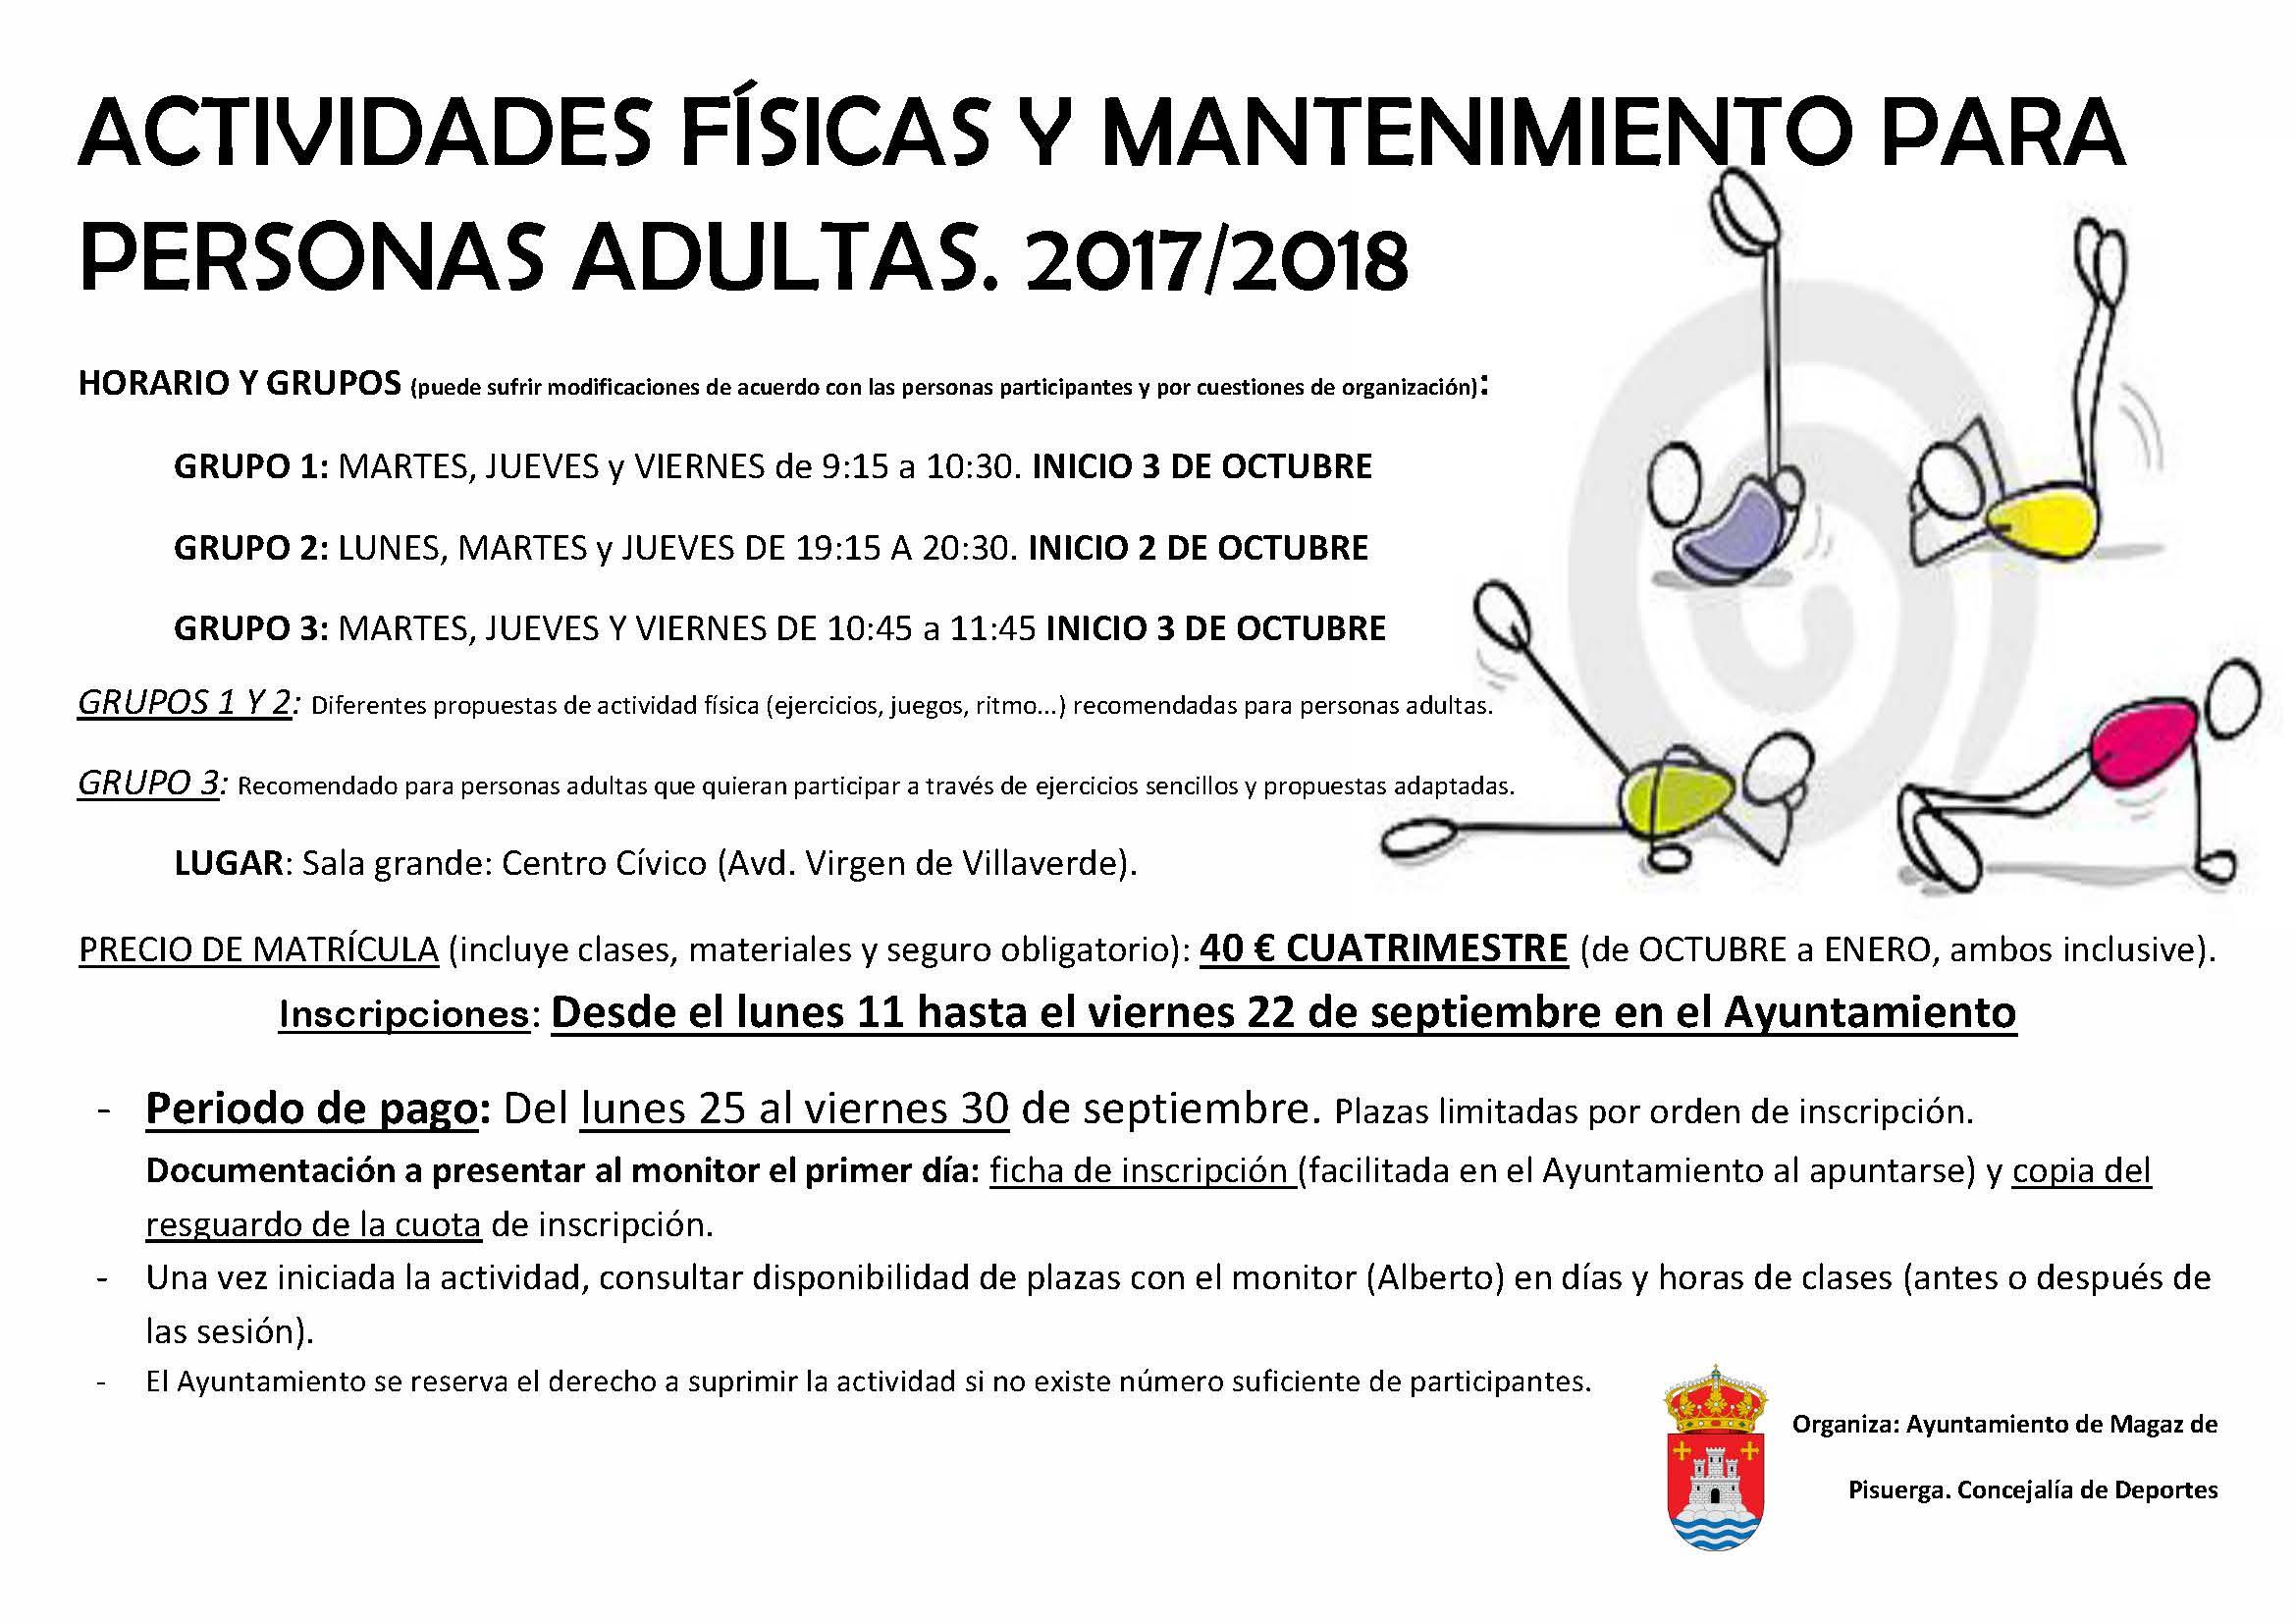 Actividades físicas y mantenimietno para personas adultas 2017/2018